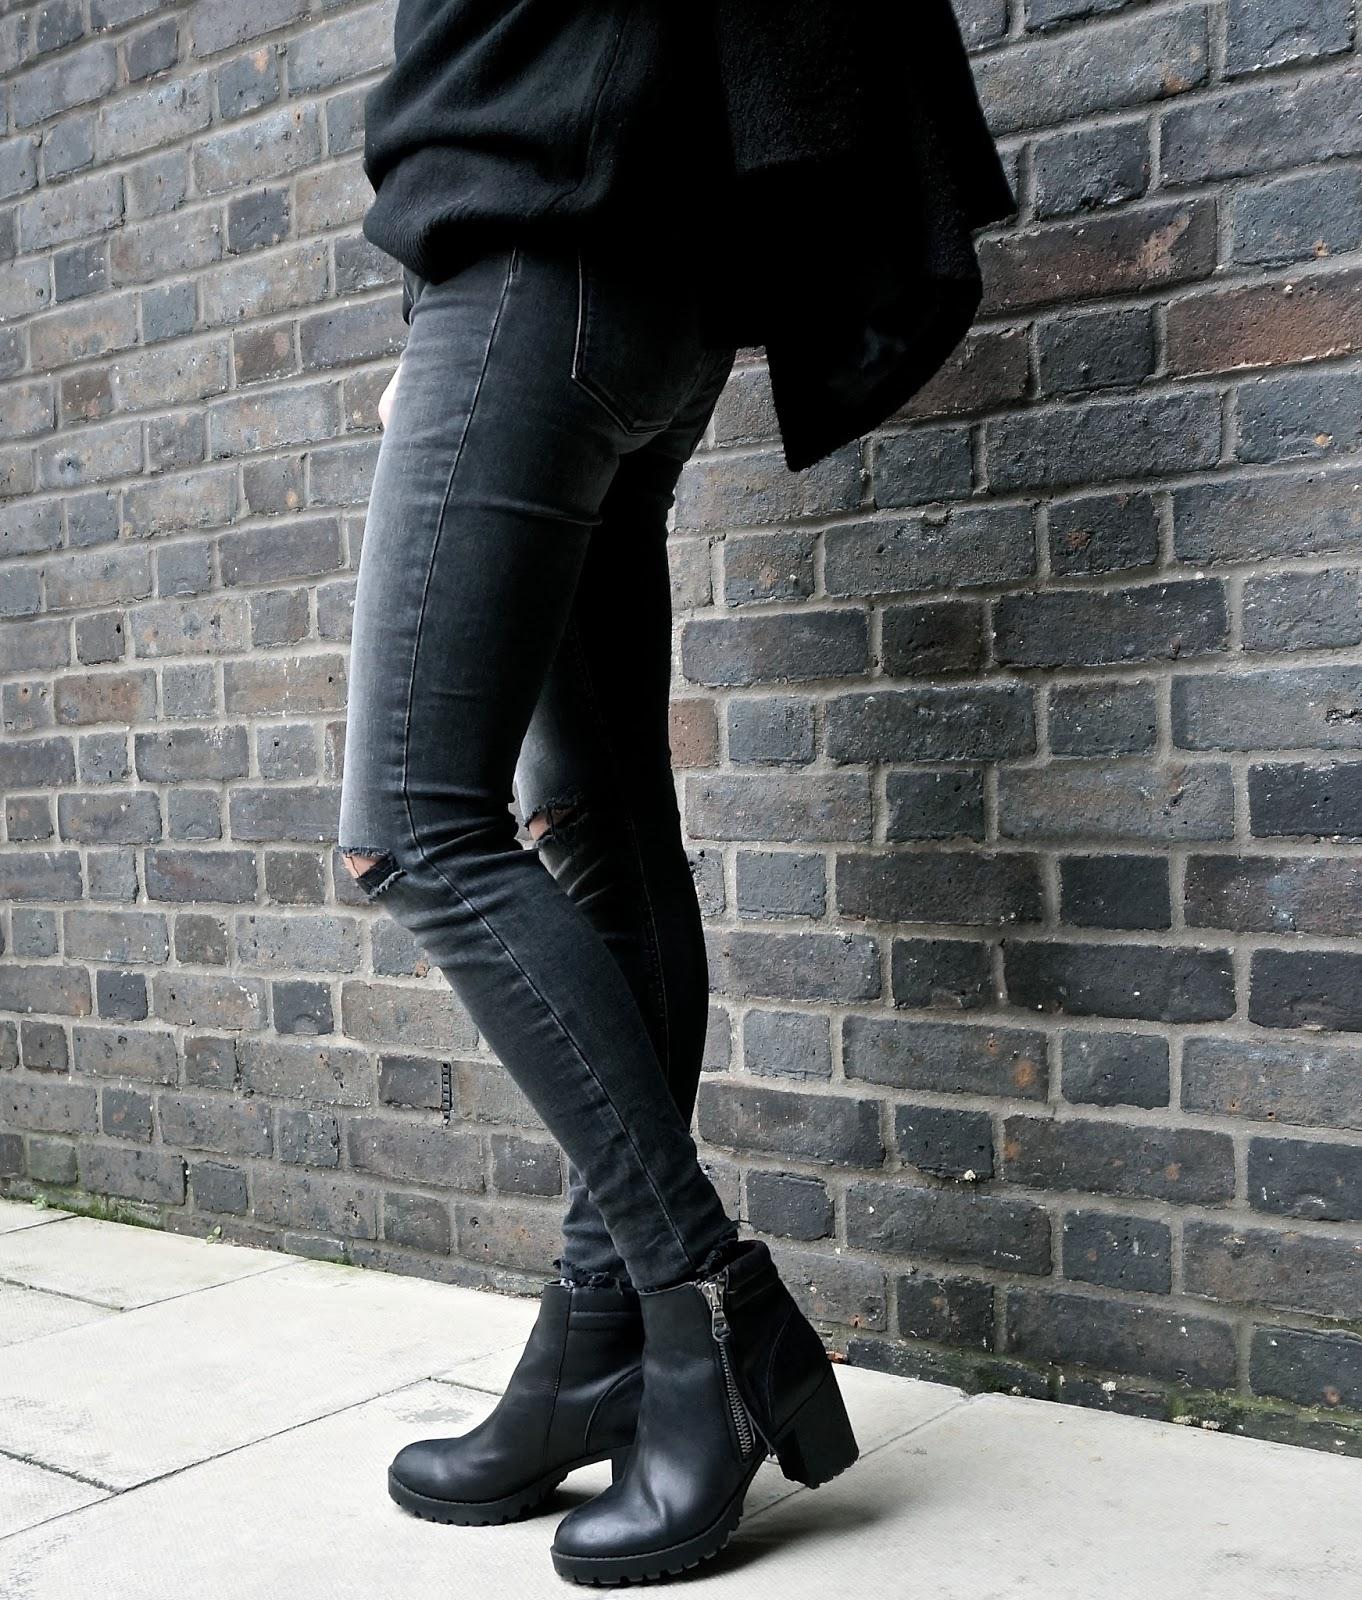 Les cours de blogueuses Modes Uniqlo x Carine Roitfeld lexie blush www.lexieblush.co.uk 1